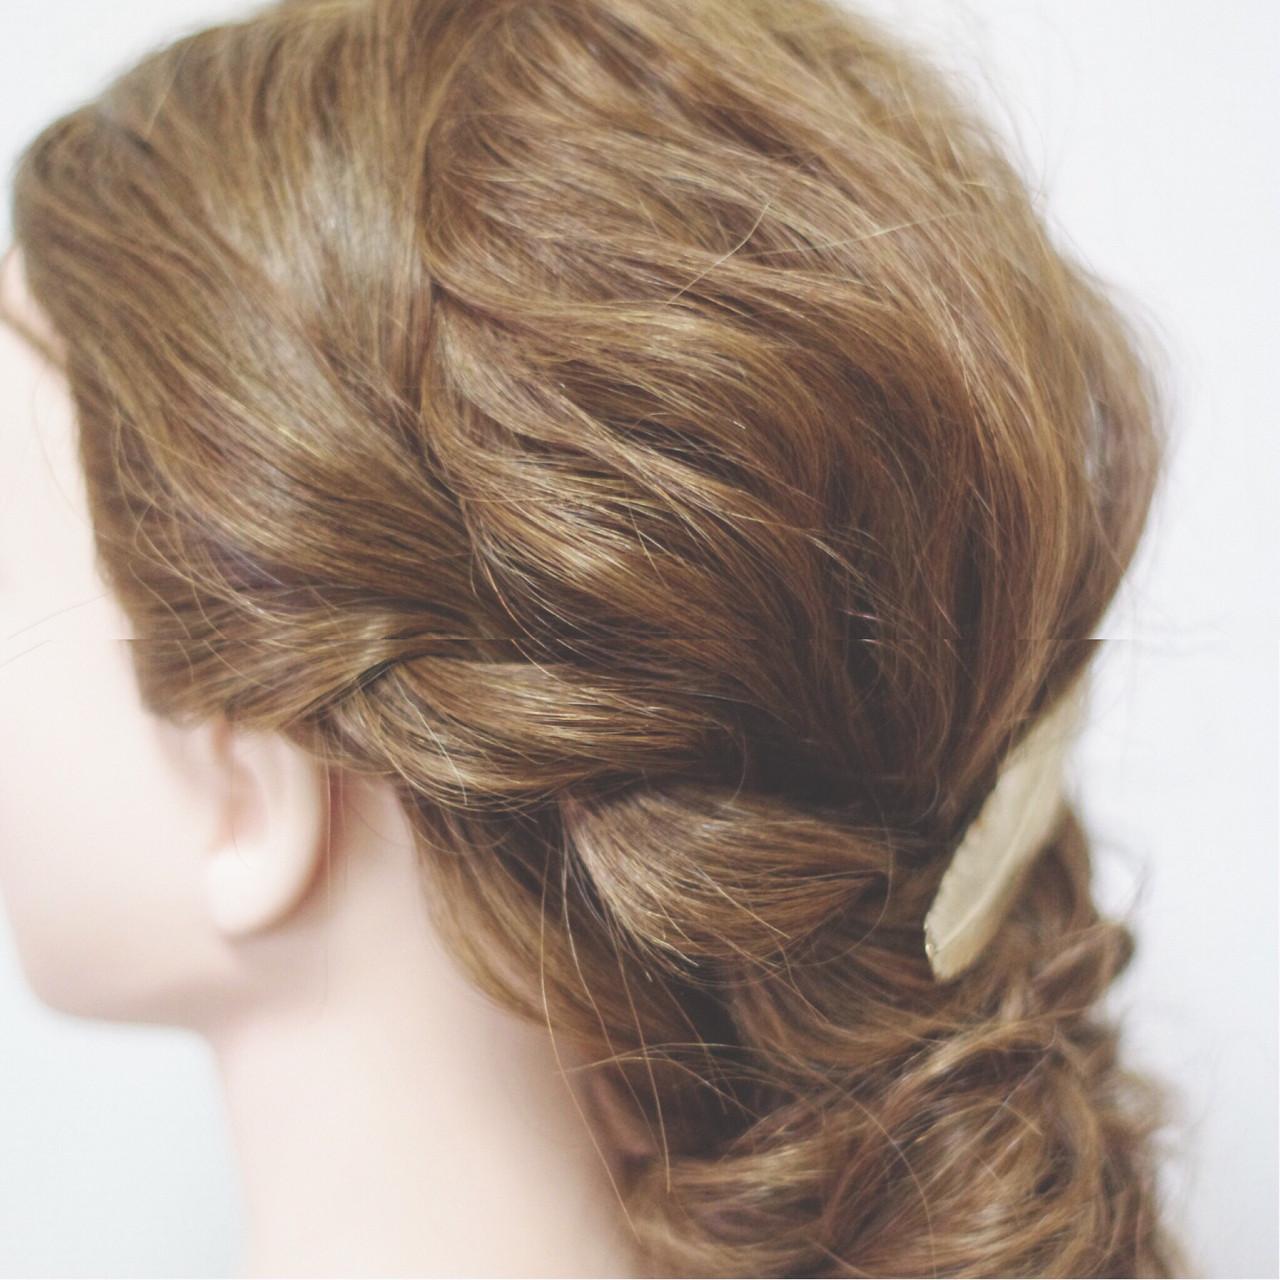 セミロング ナチュラル ヘアアレンジ ショートヘアスタイルや髪型の写真・画像